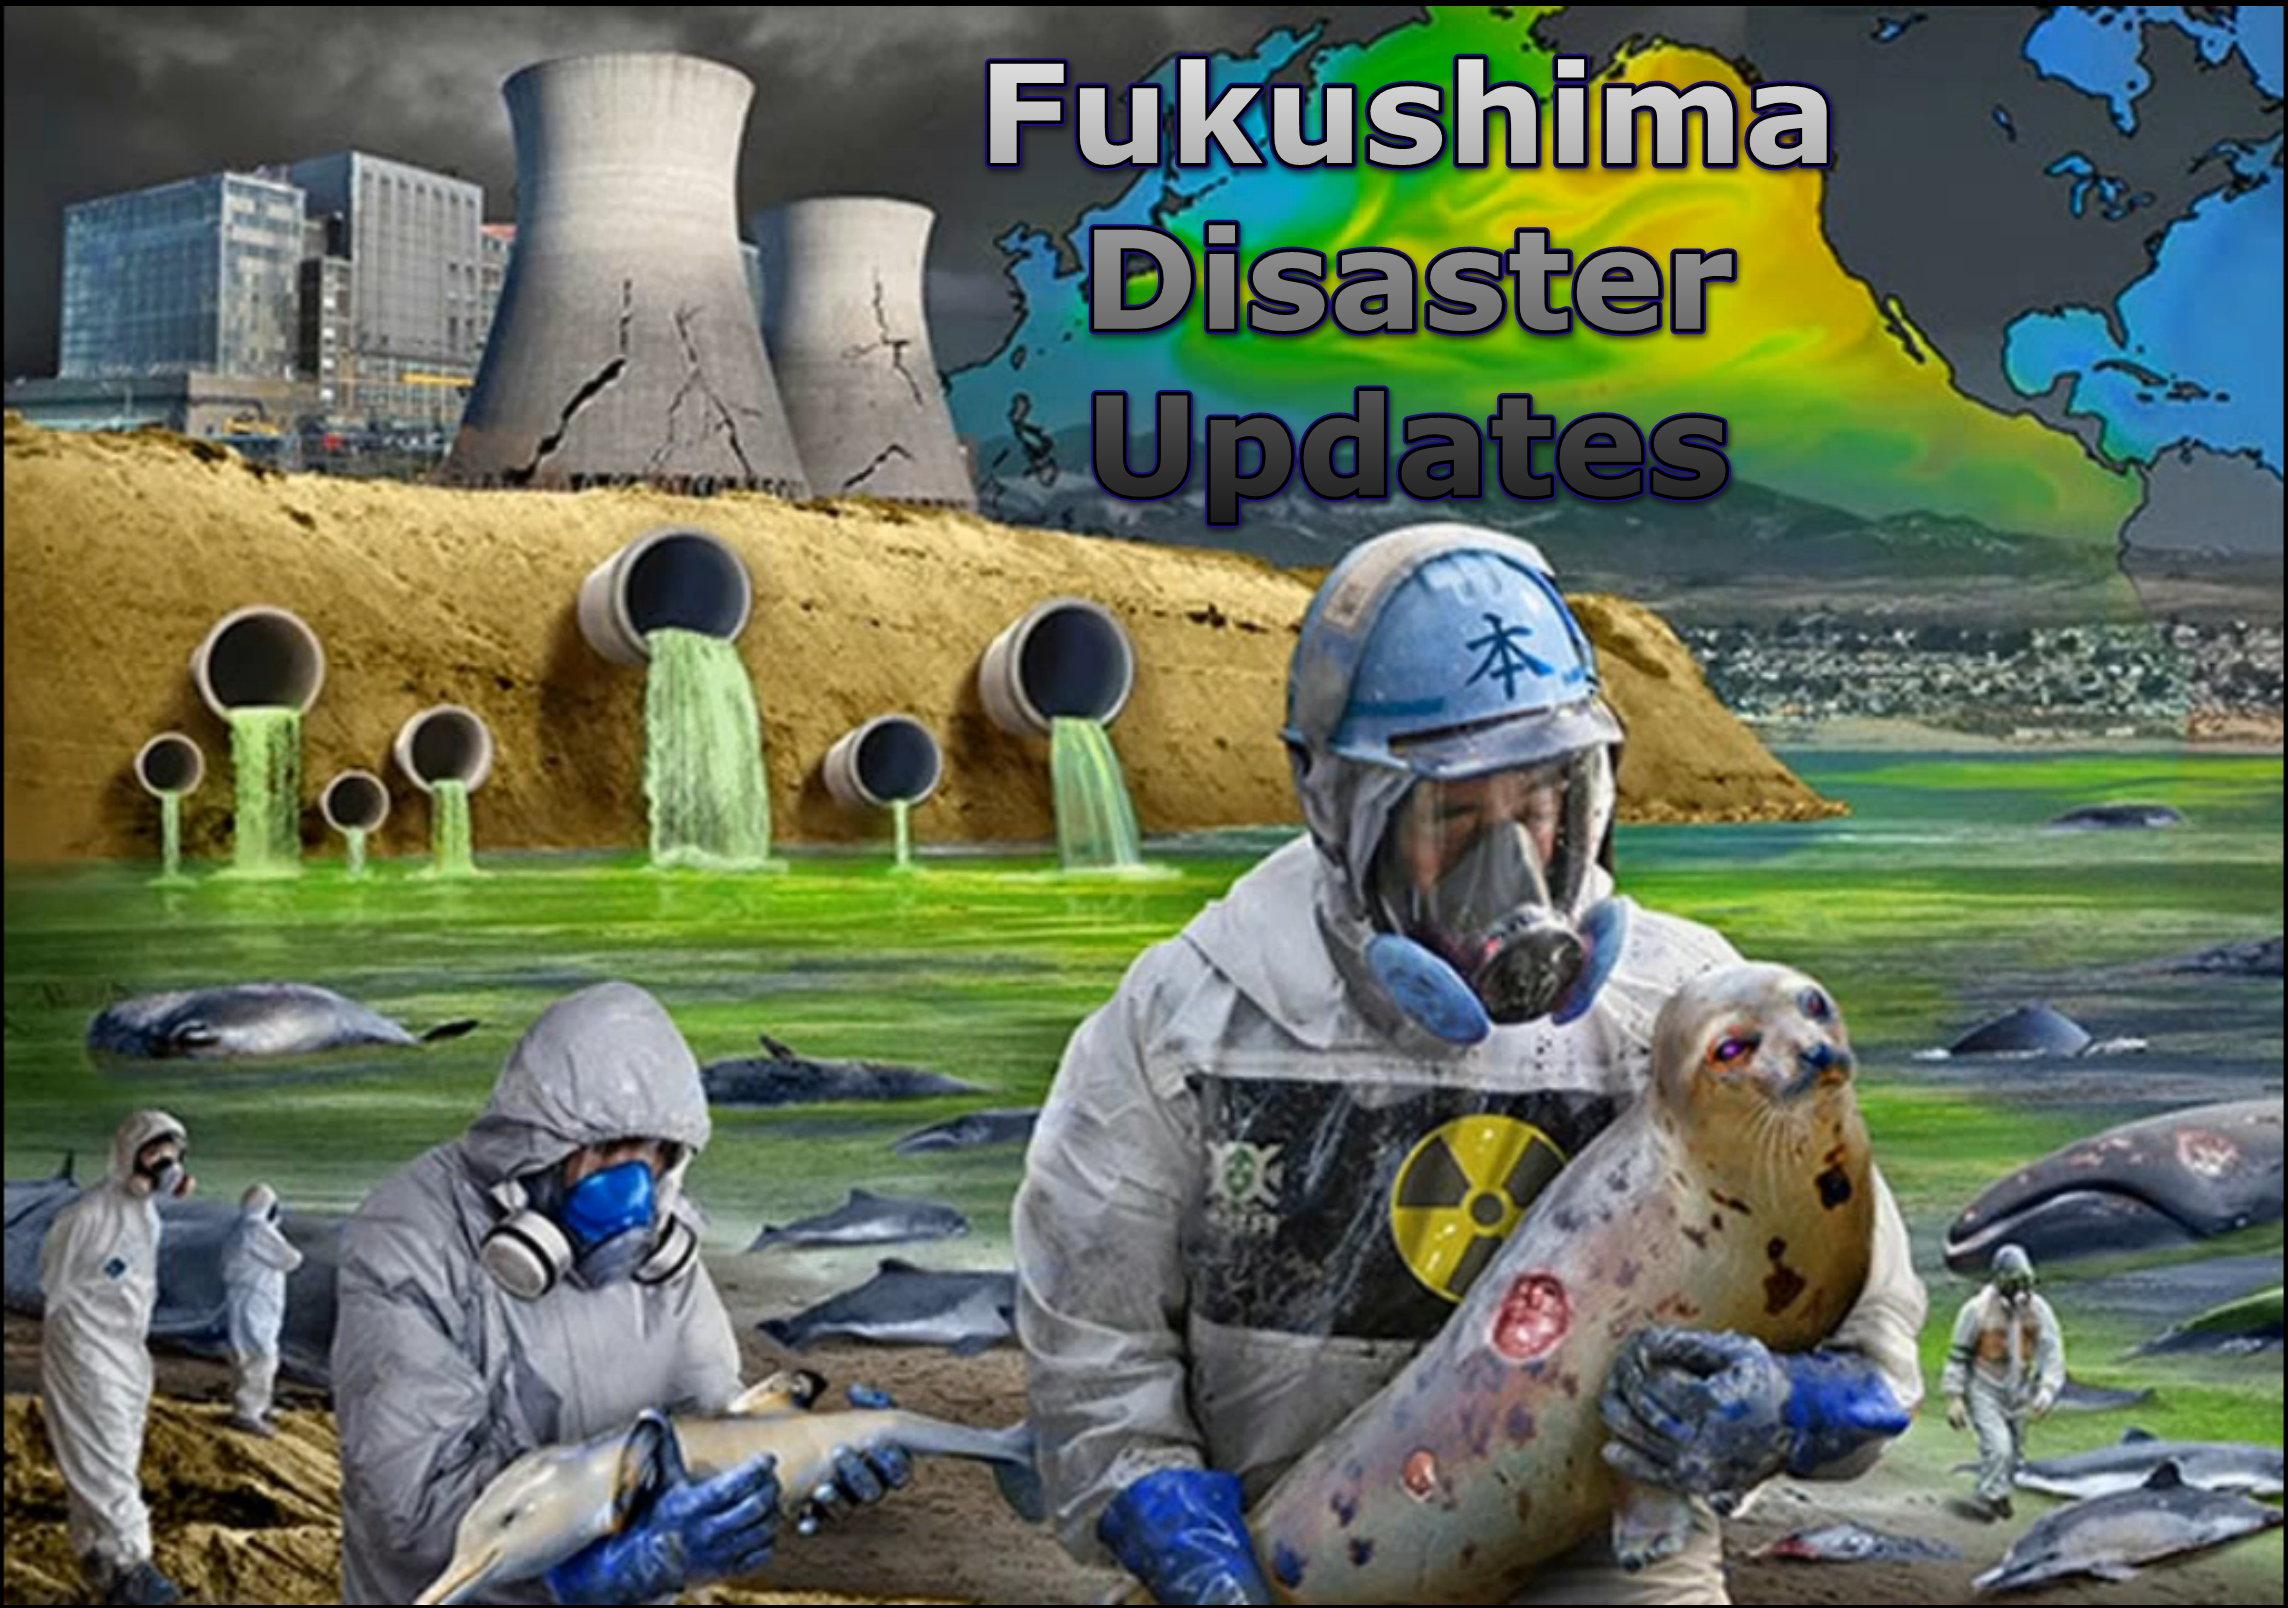 fukushima-disaster.jpg